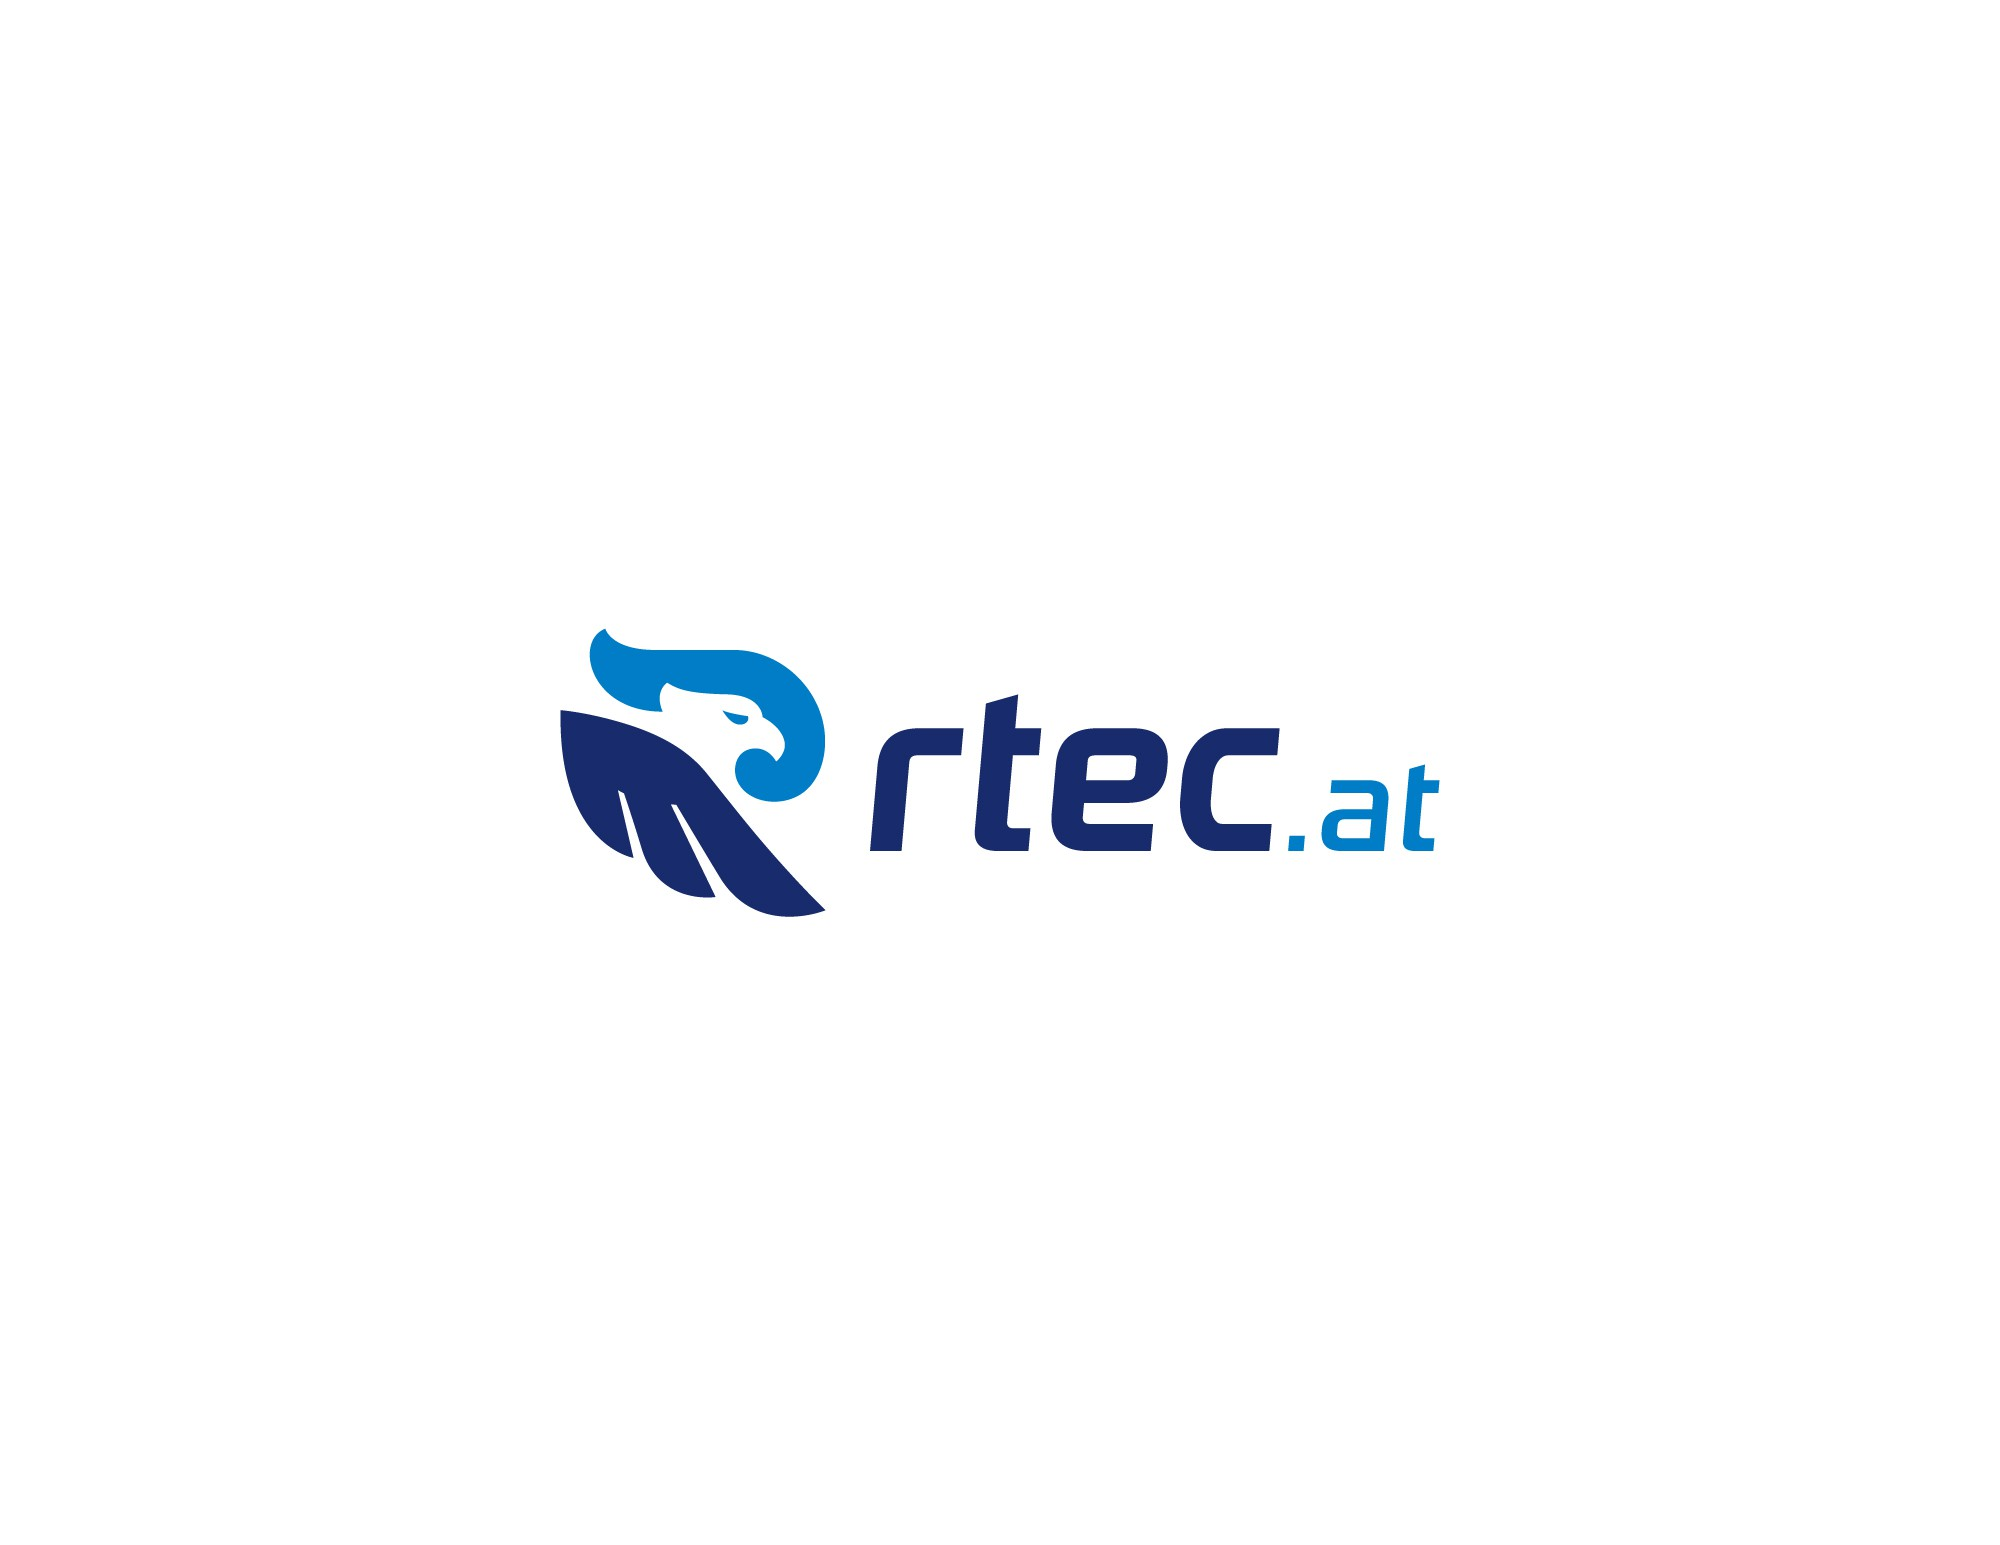 rtec.at it braucht eine aussagekräftiges, einprägsames und zeitloses Logo